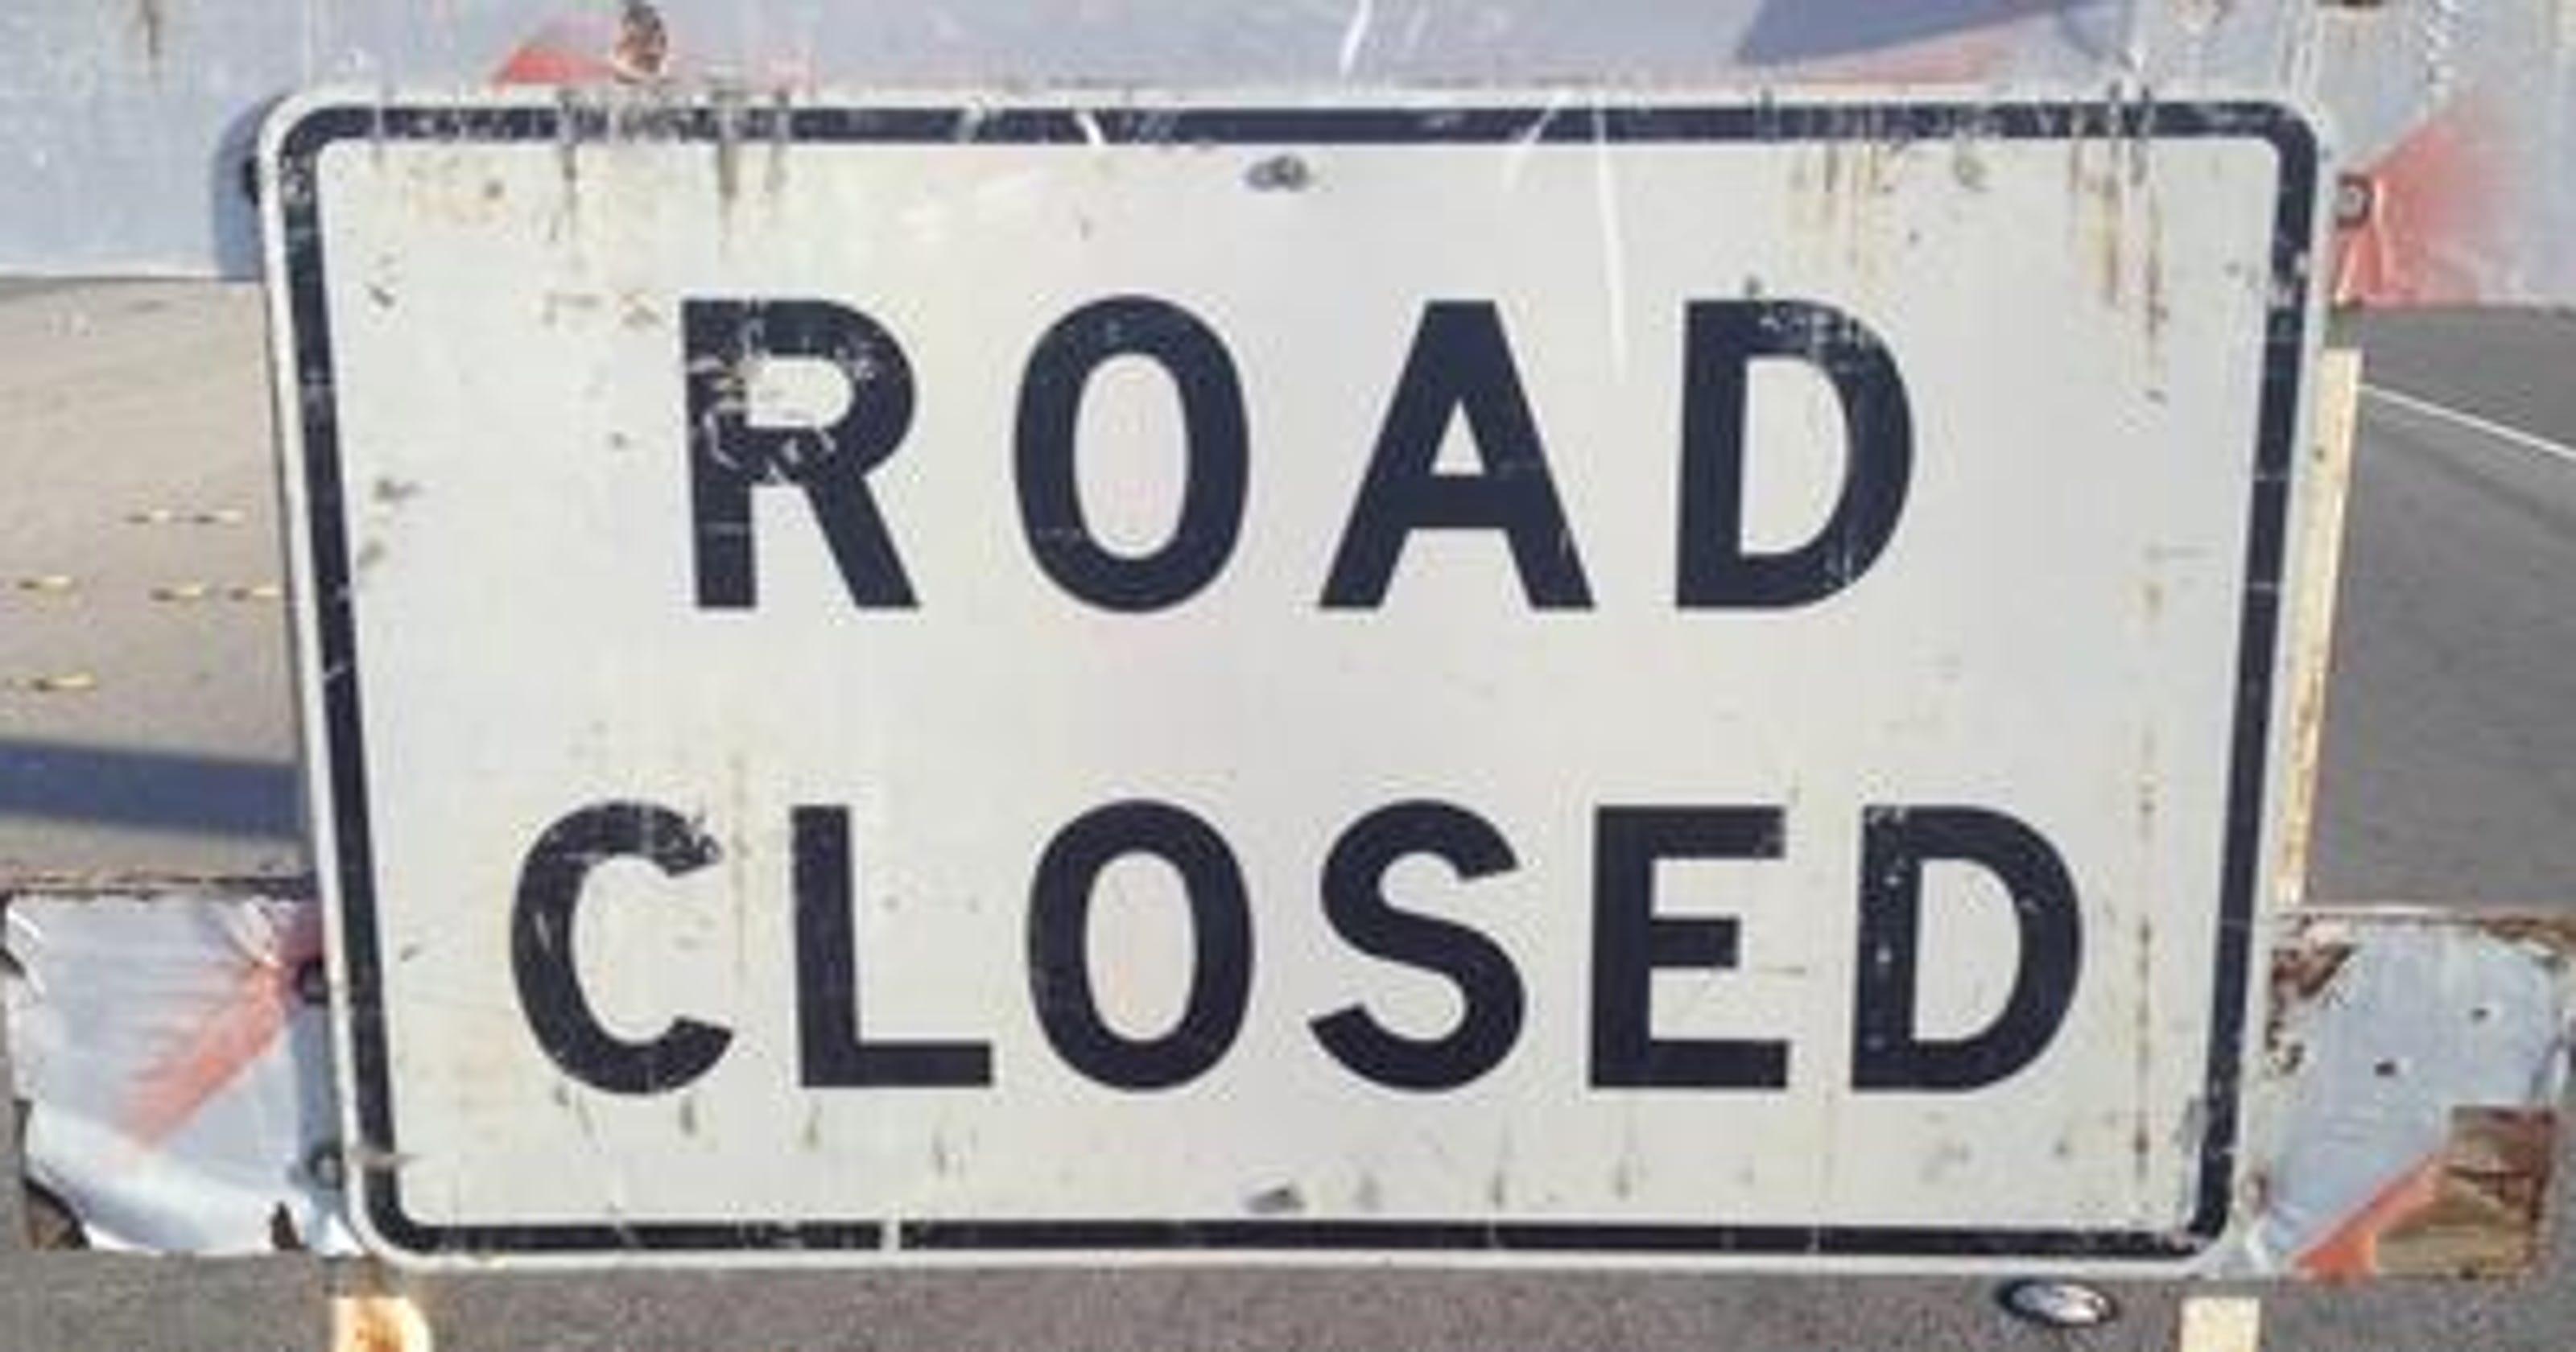 Riverside 91 freeway closed this weekend